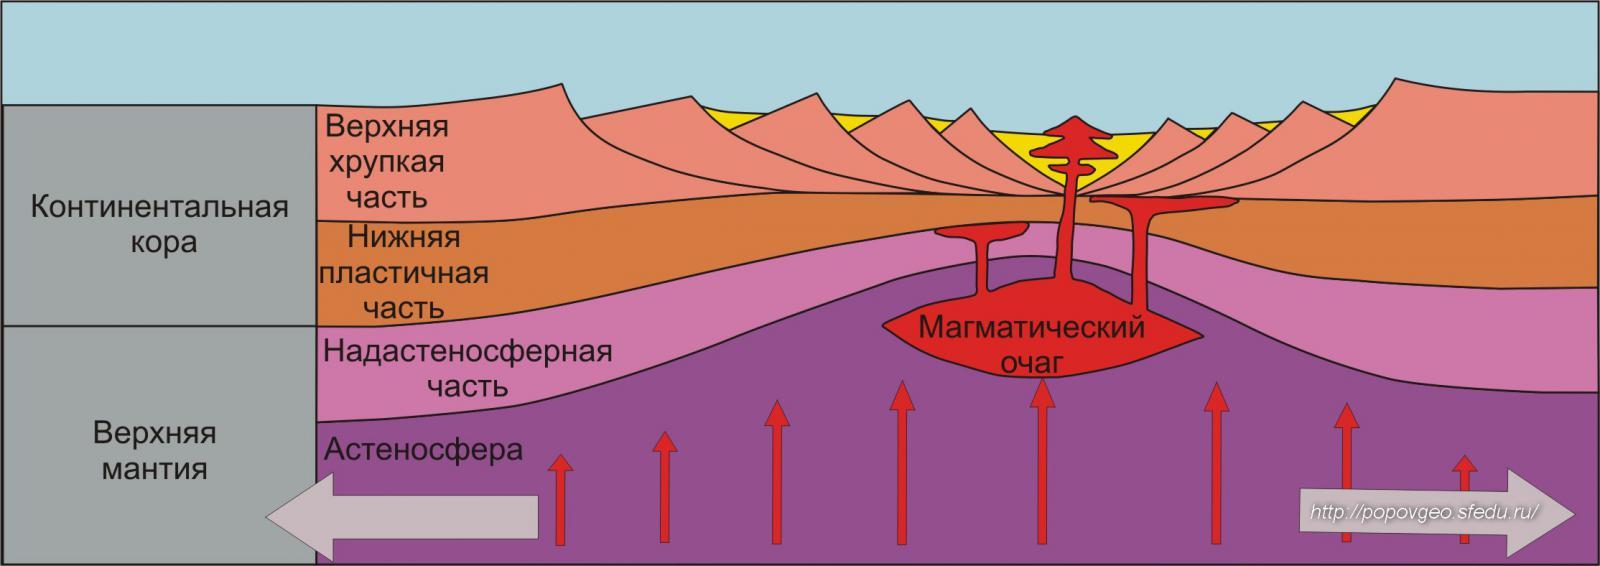 Плиты литосферы схема